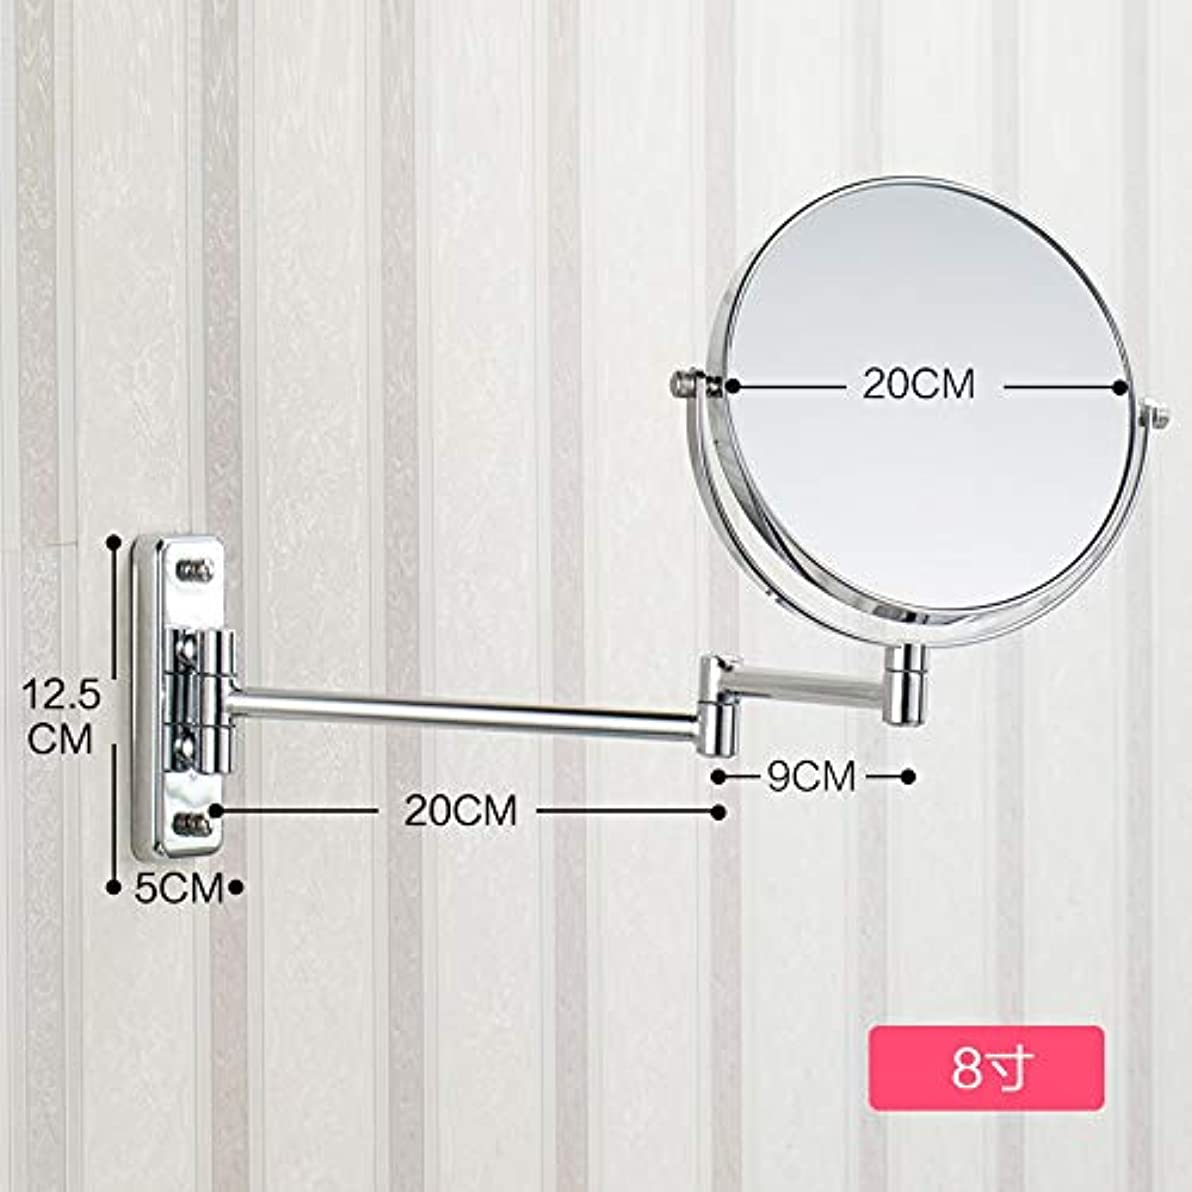 アスペクト現実的名前で照明付き化粧鏡 8.66インチ3倍拡大壁マウント化粧鏡バスルームミラー両面回転ポリッシュクローム仕上げ 化粧鏡 (Size : 8inches 3X)